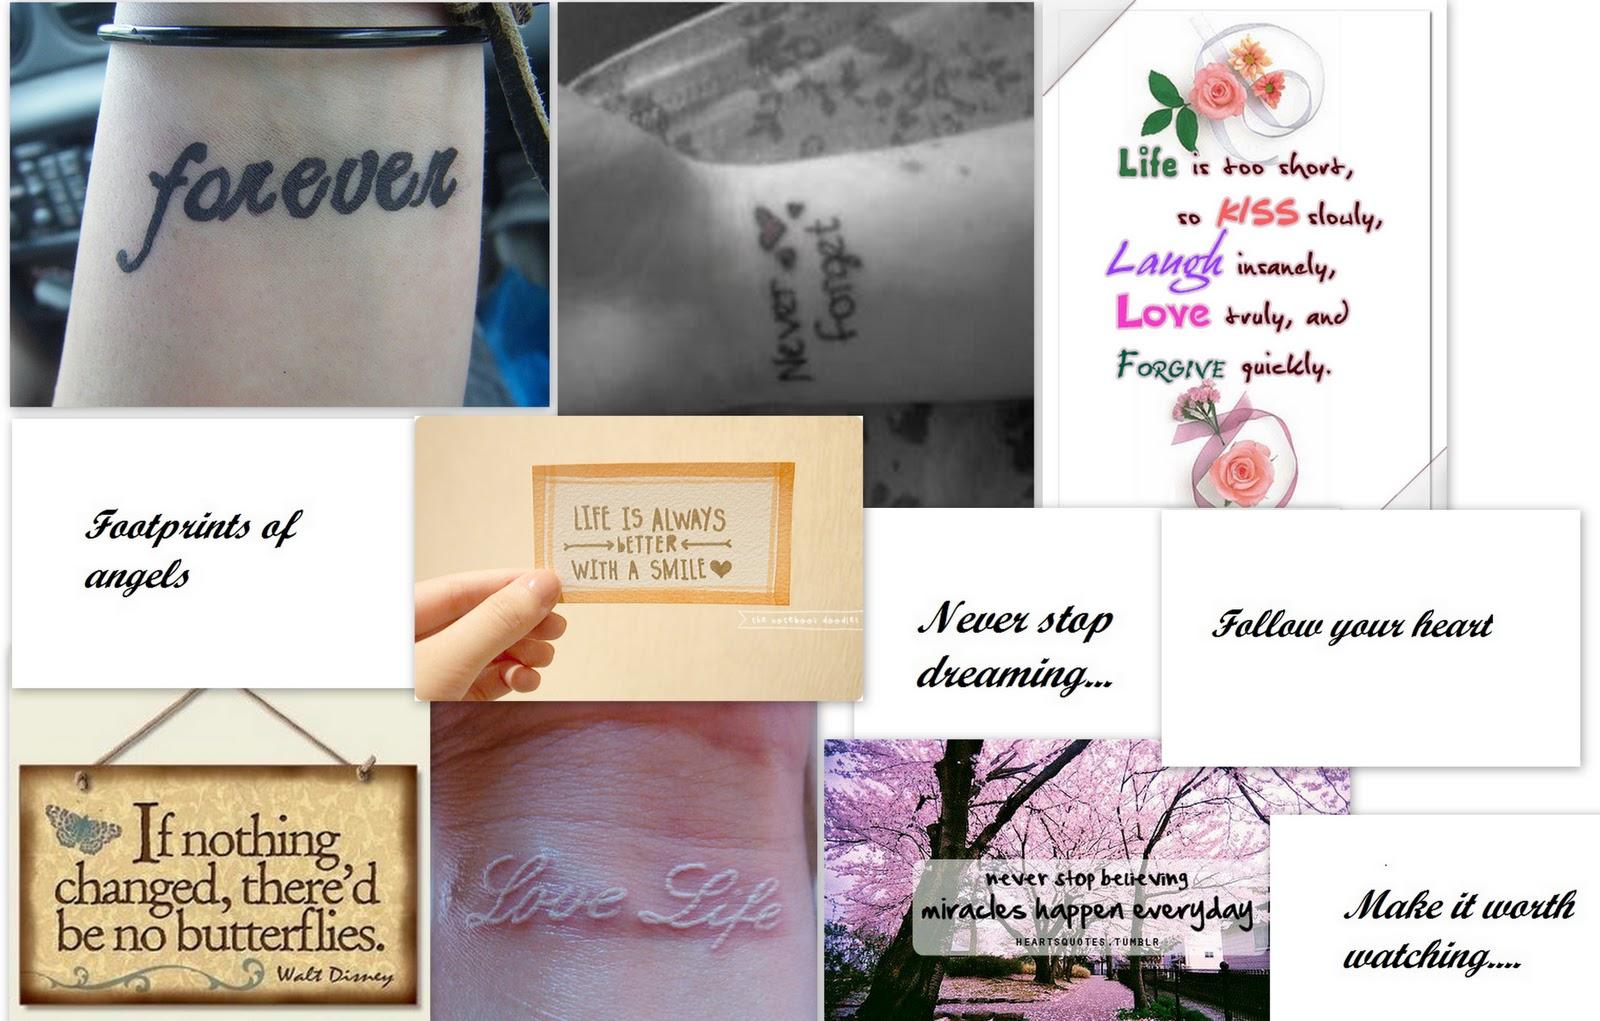 http://1.bp.blogspot.com/-9ZY6MBueEYc/TuOyaZDpFMI/AAAAAAAADVM/OtCduHbdBuc/s1600/quotes+on+life+tattoo+ideas.jpg